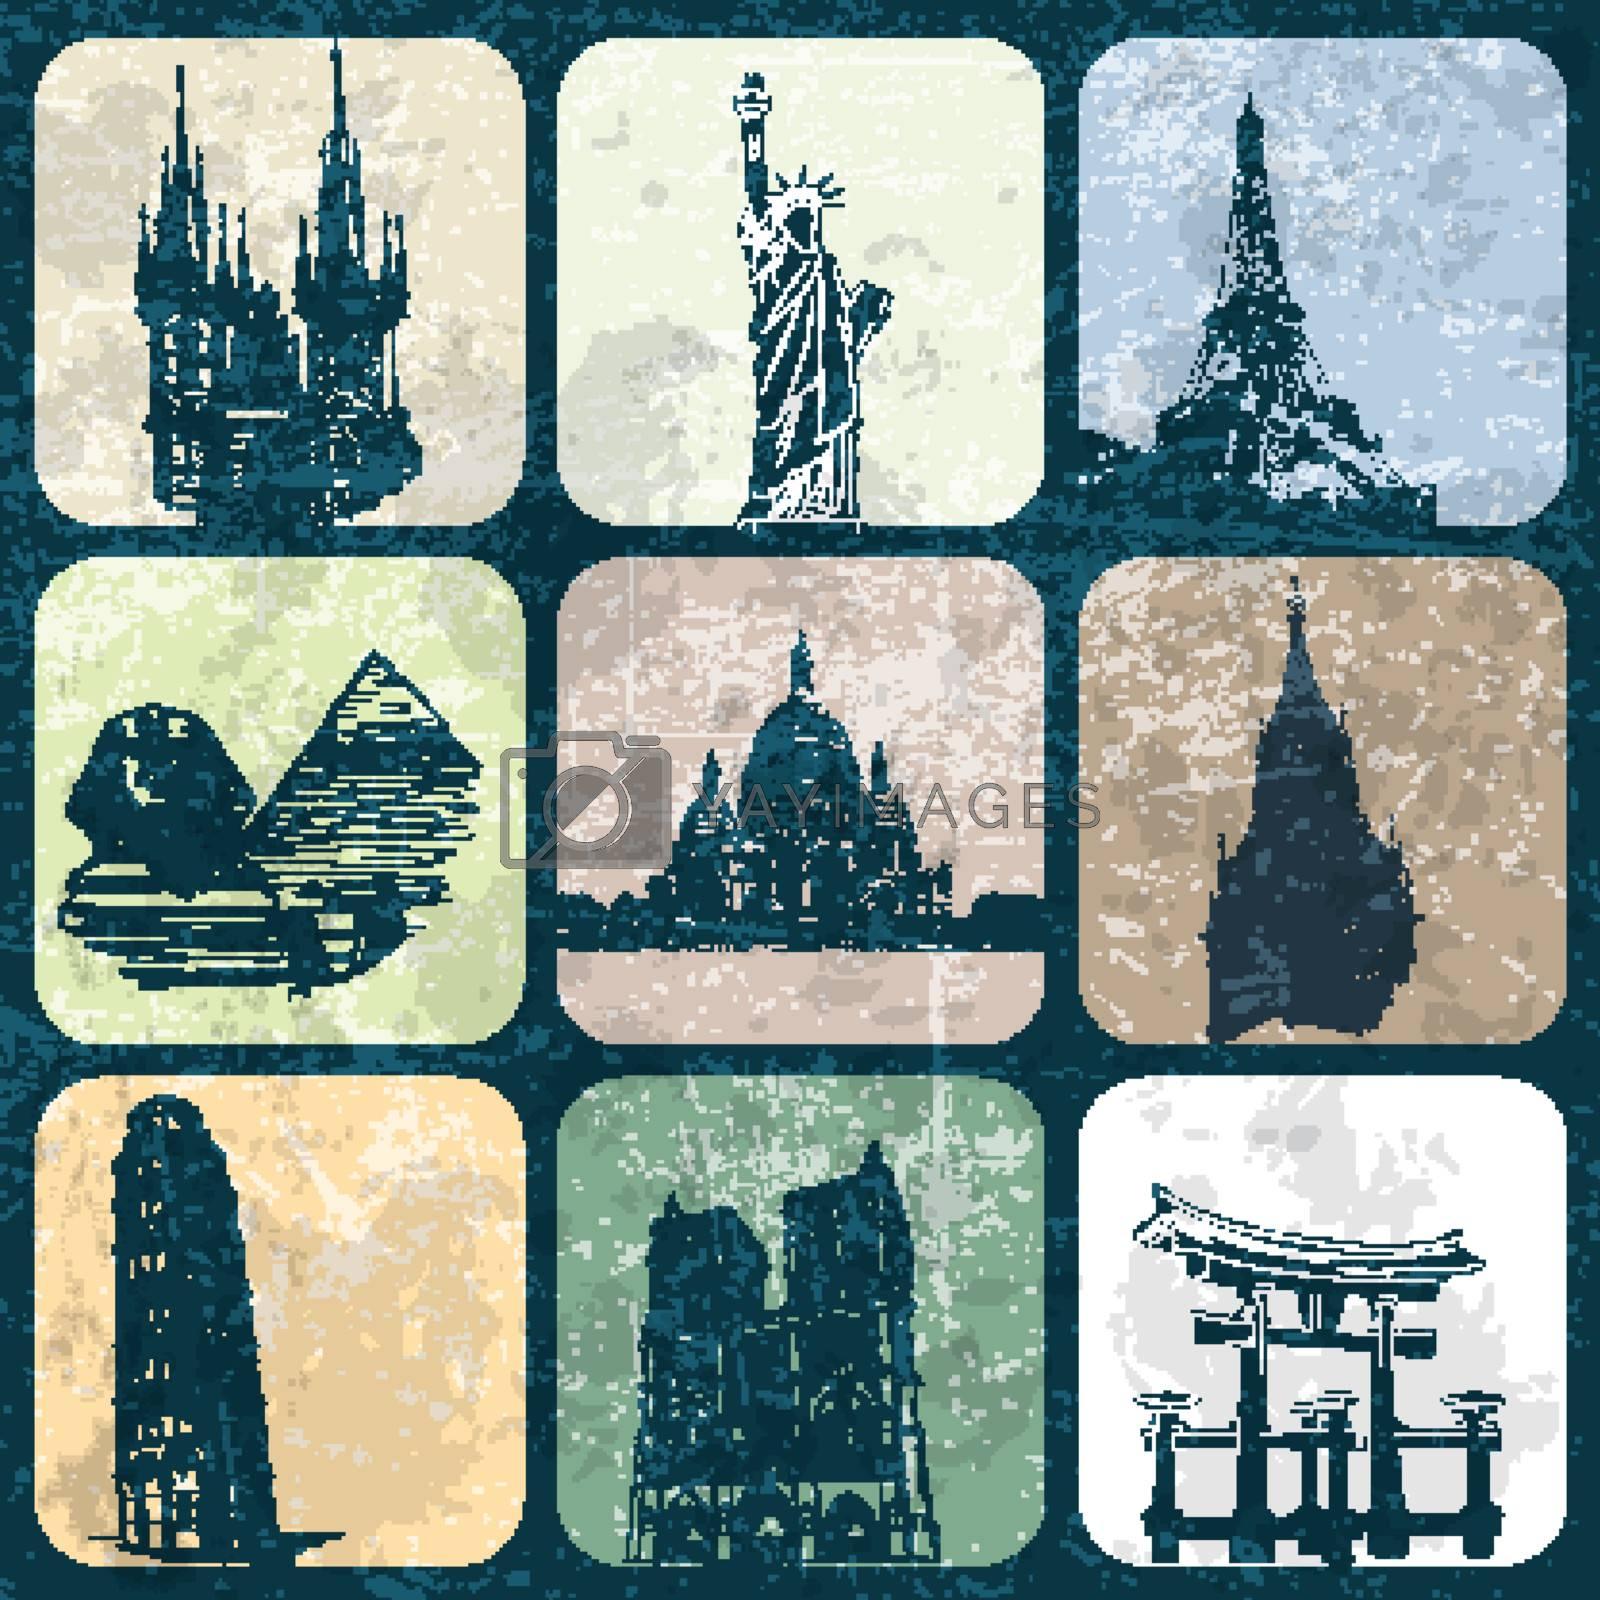 Landmark Europe and Asia on grunge background